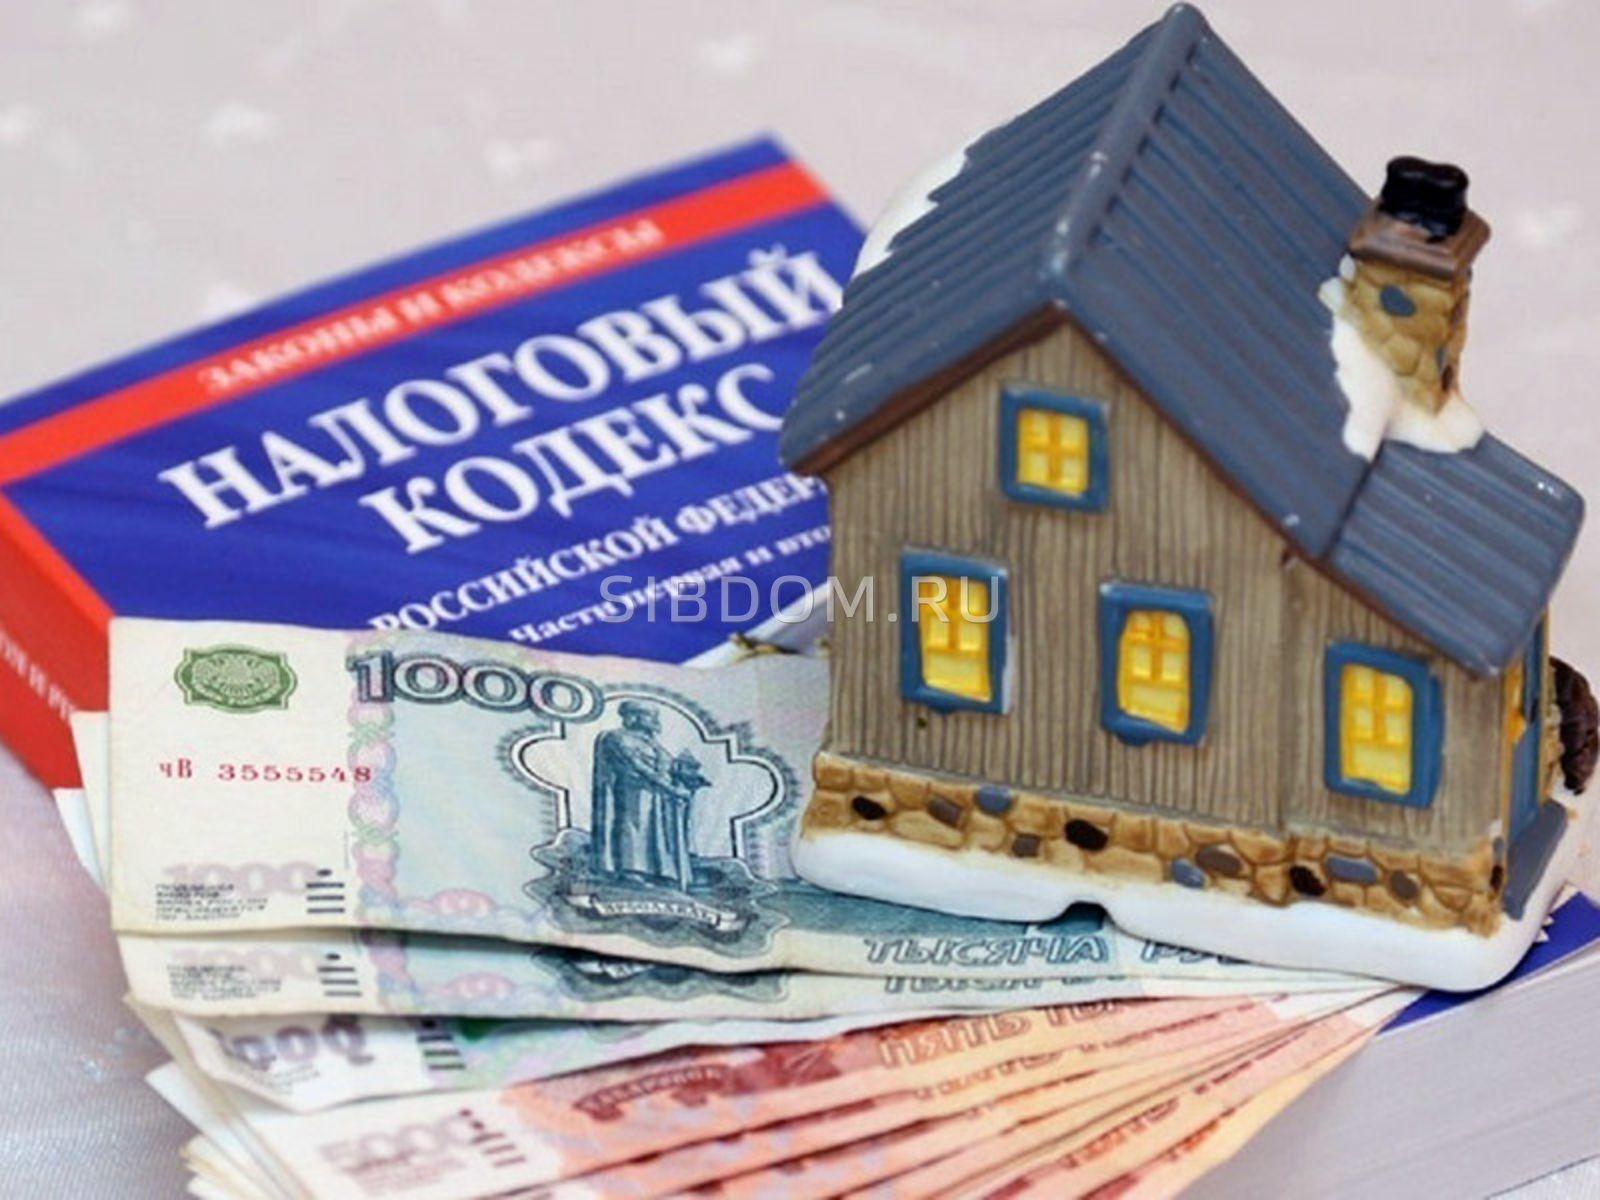 Я продал или собираюсь продать недвижимость